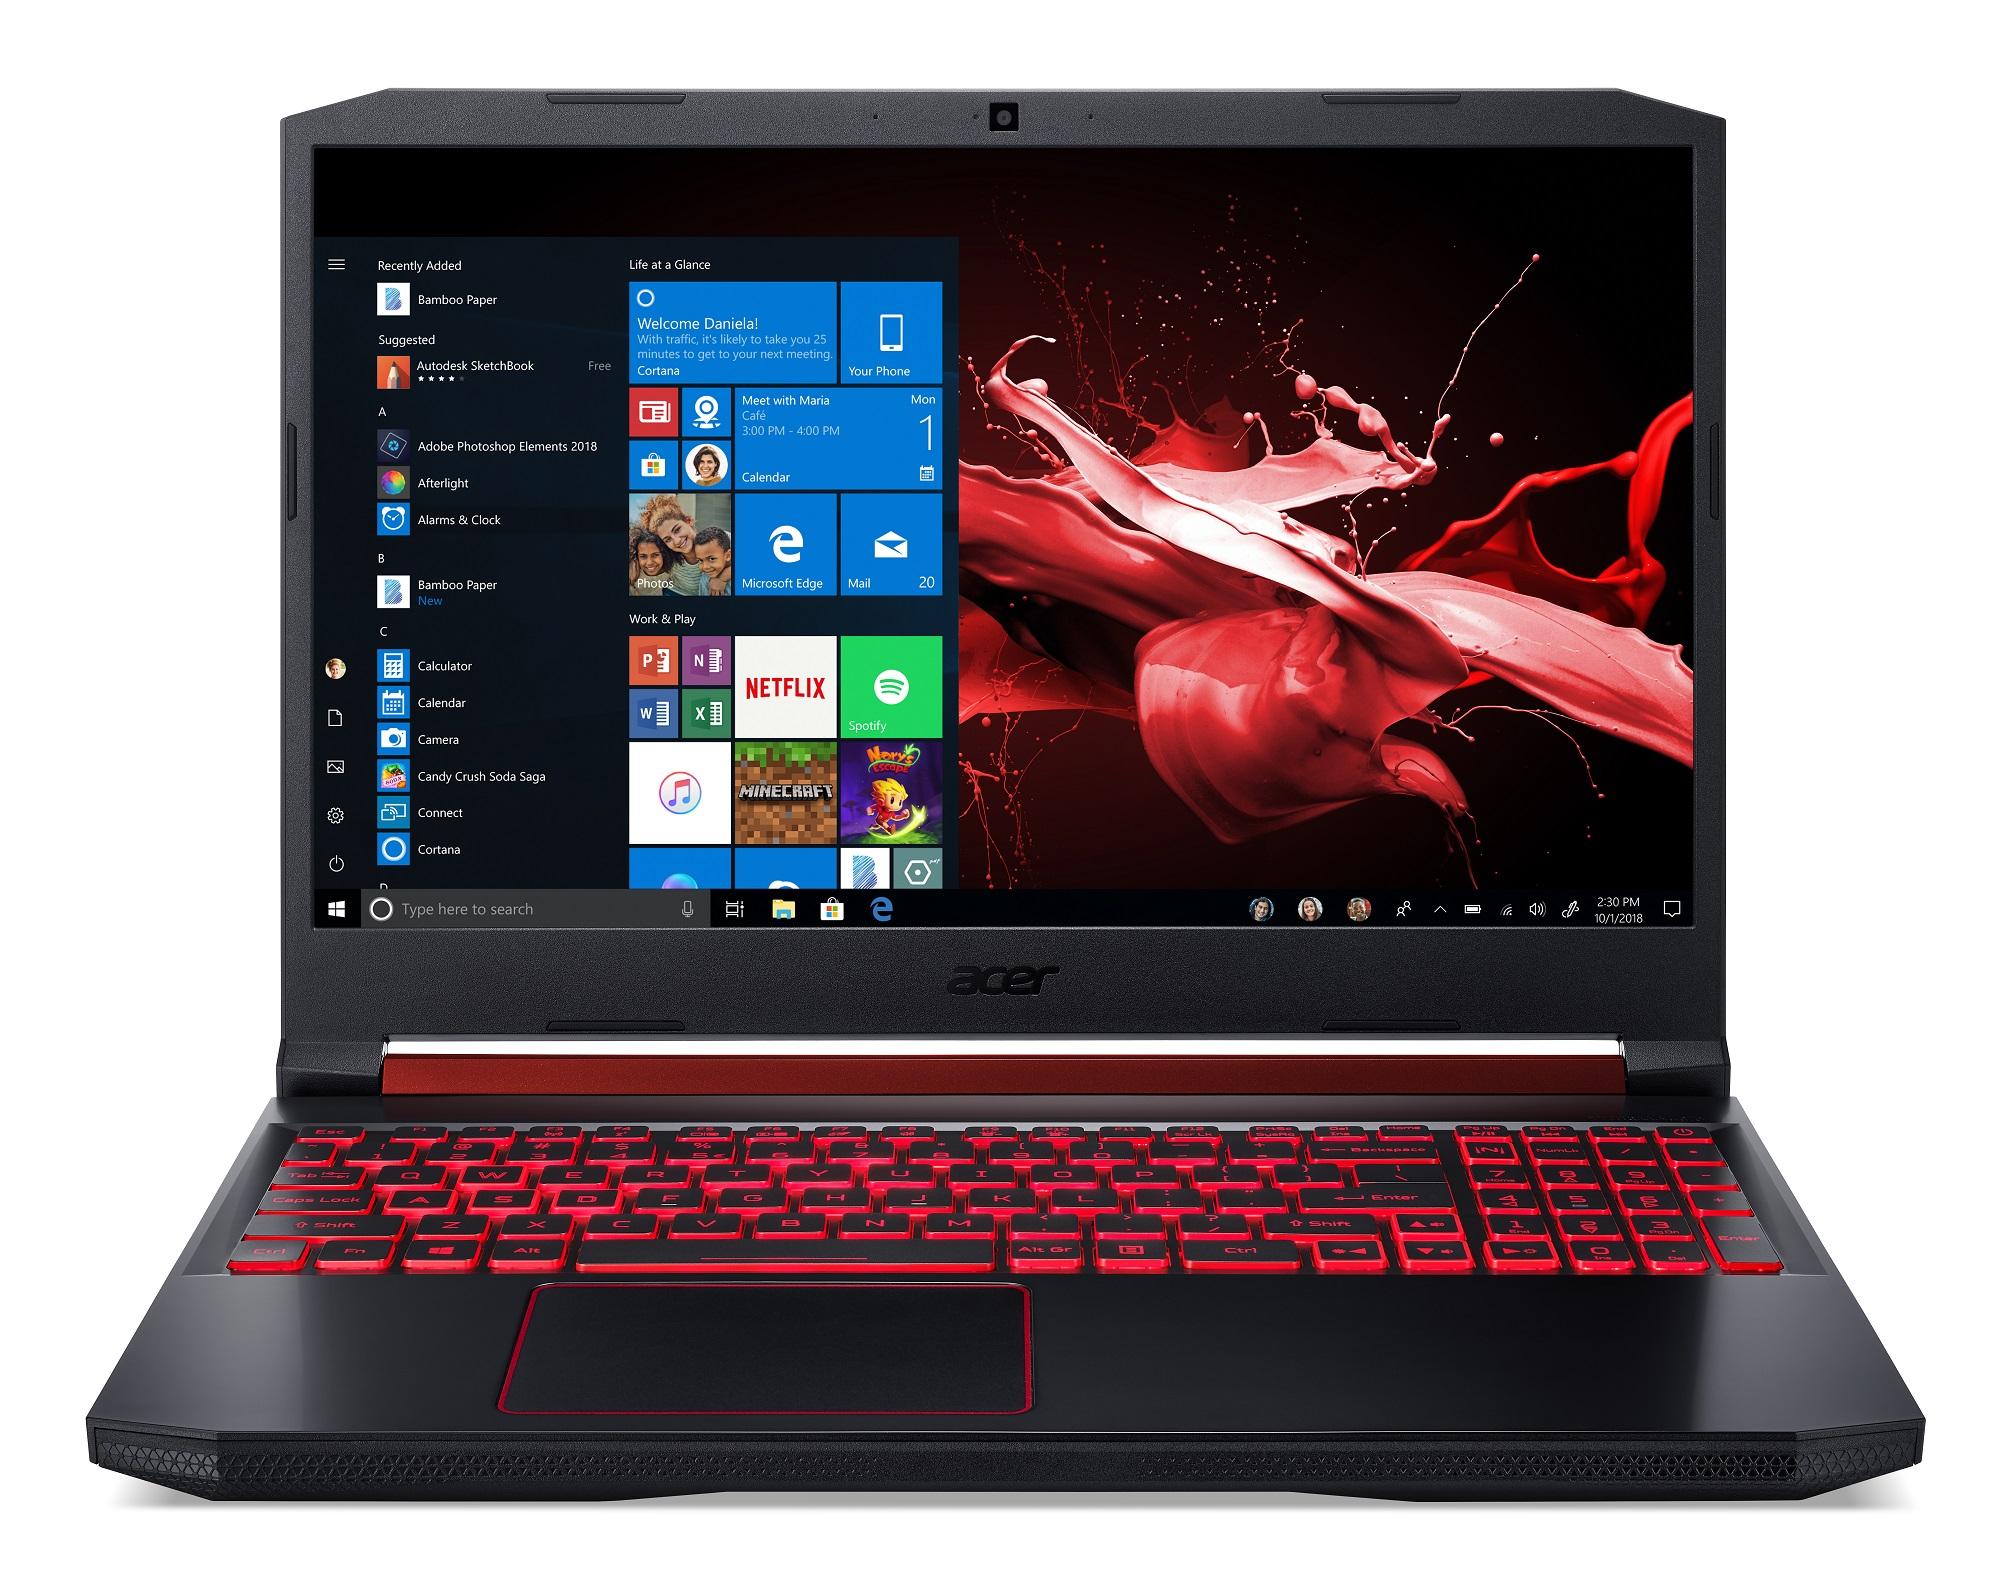 Olvídese del Cyber Monday: esta oferta de portátil para juegos con RTX 2060 cuesta solo $ 799 ahora